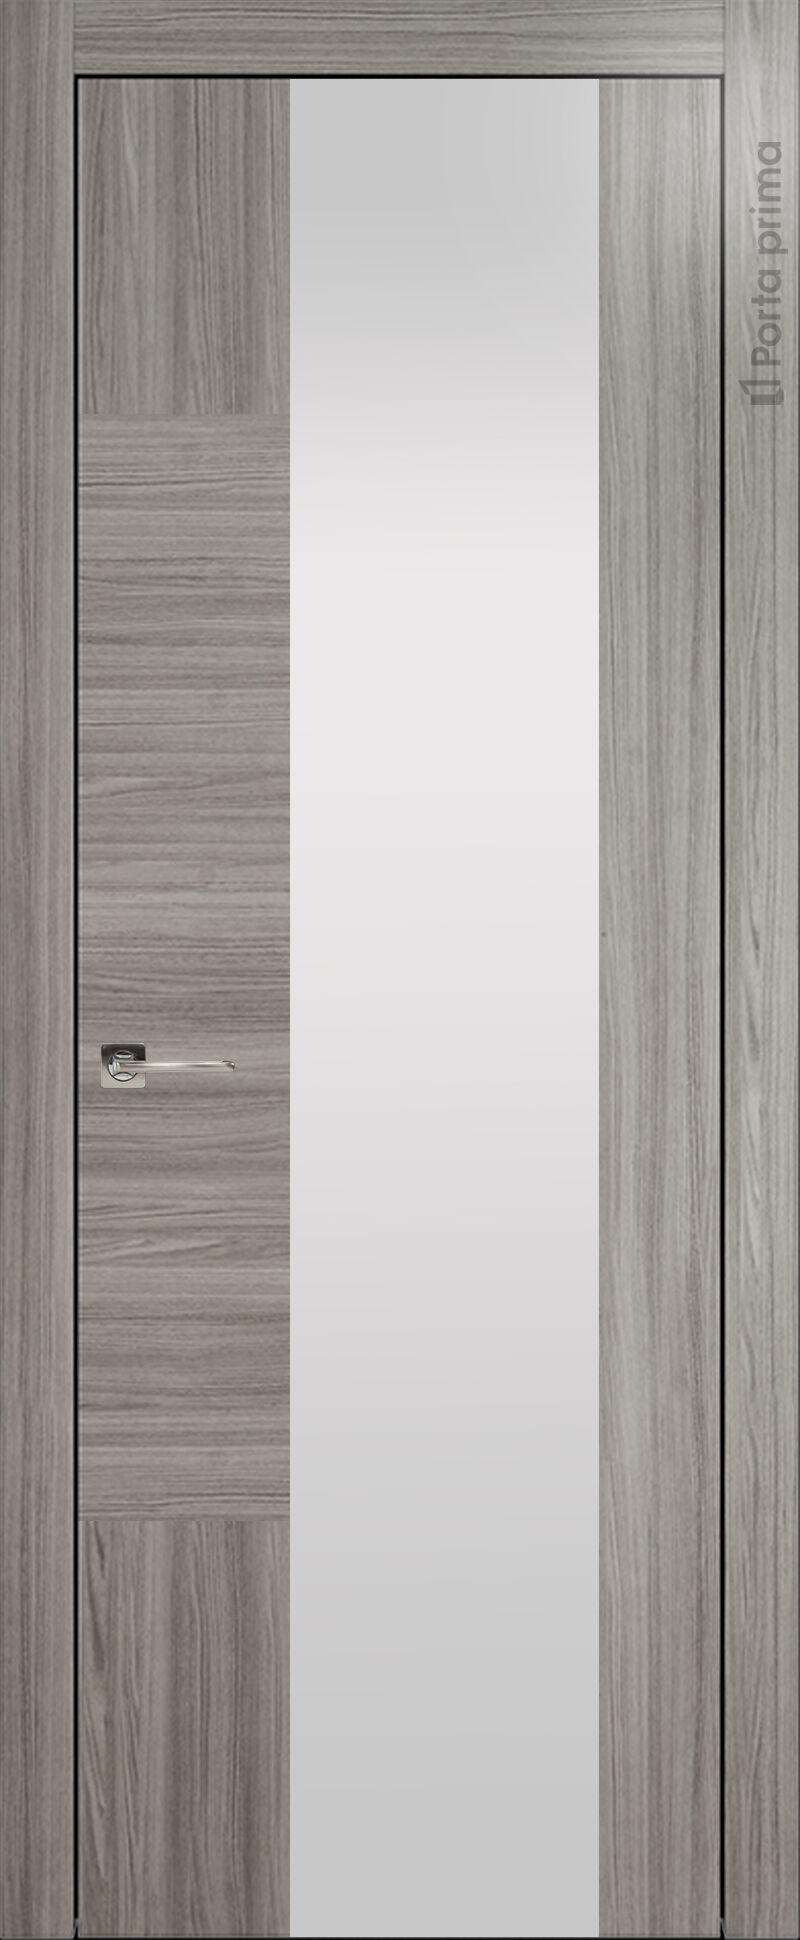 Tivoli Е-1 цвет - Орех пепельный Со стеклом (ДО)